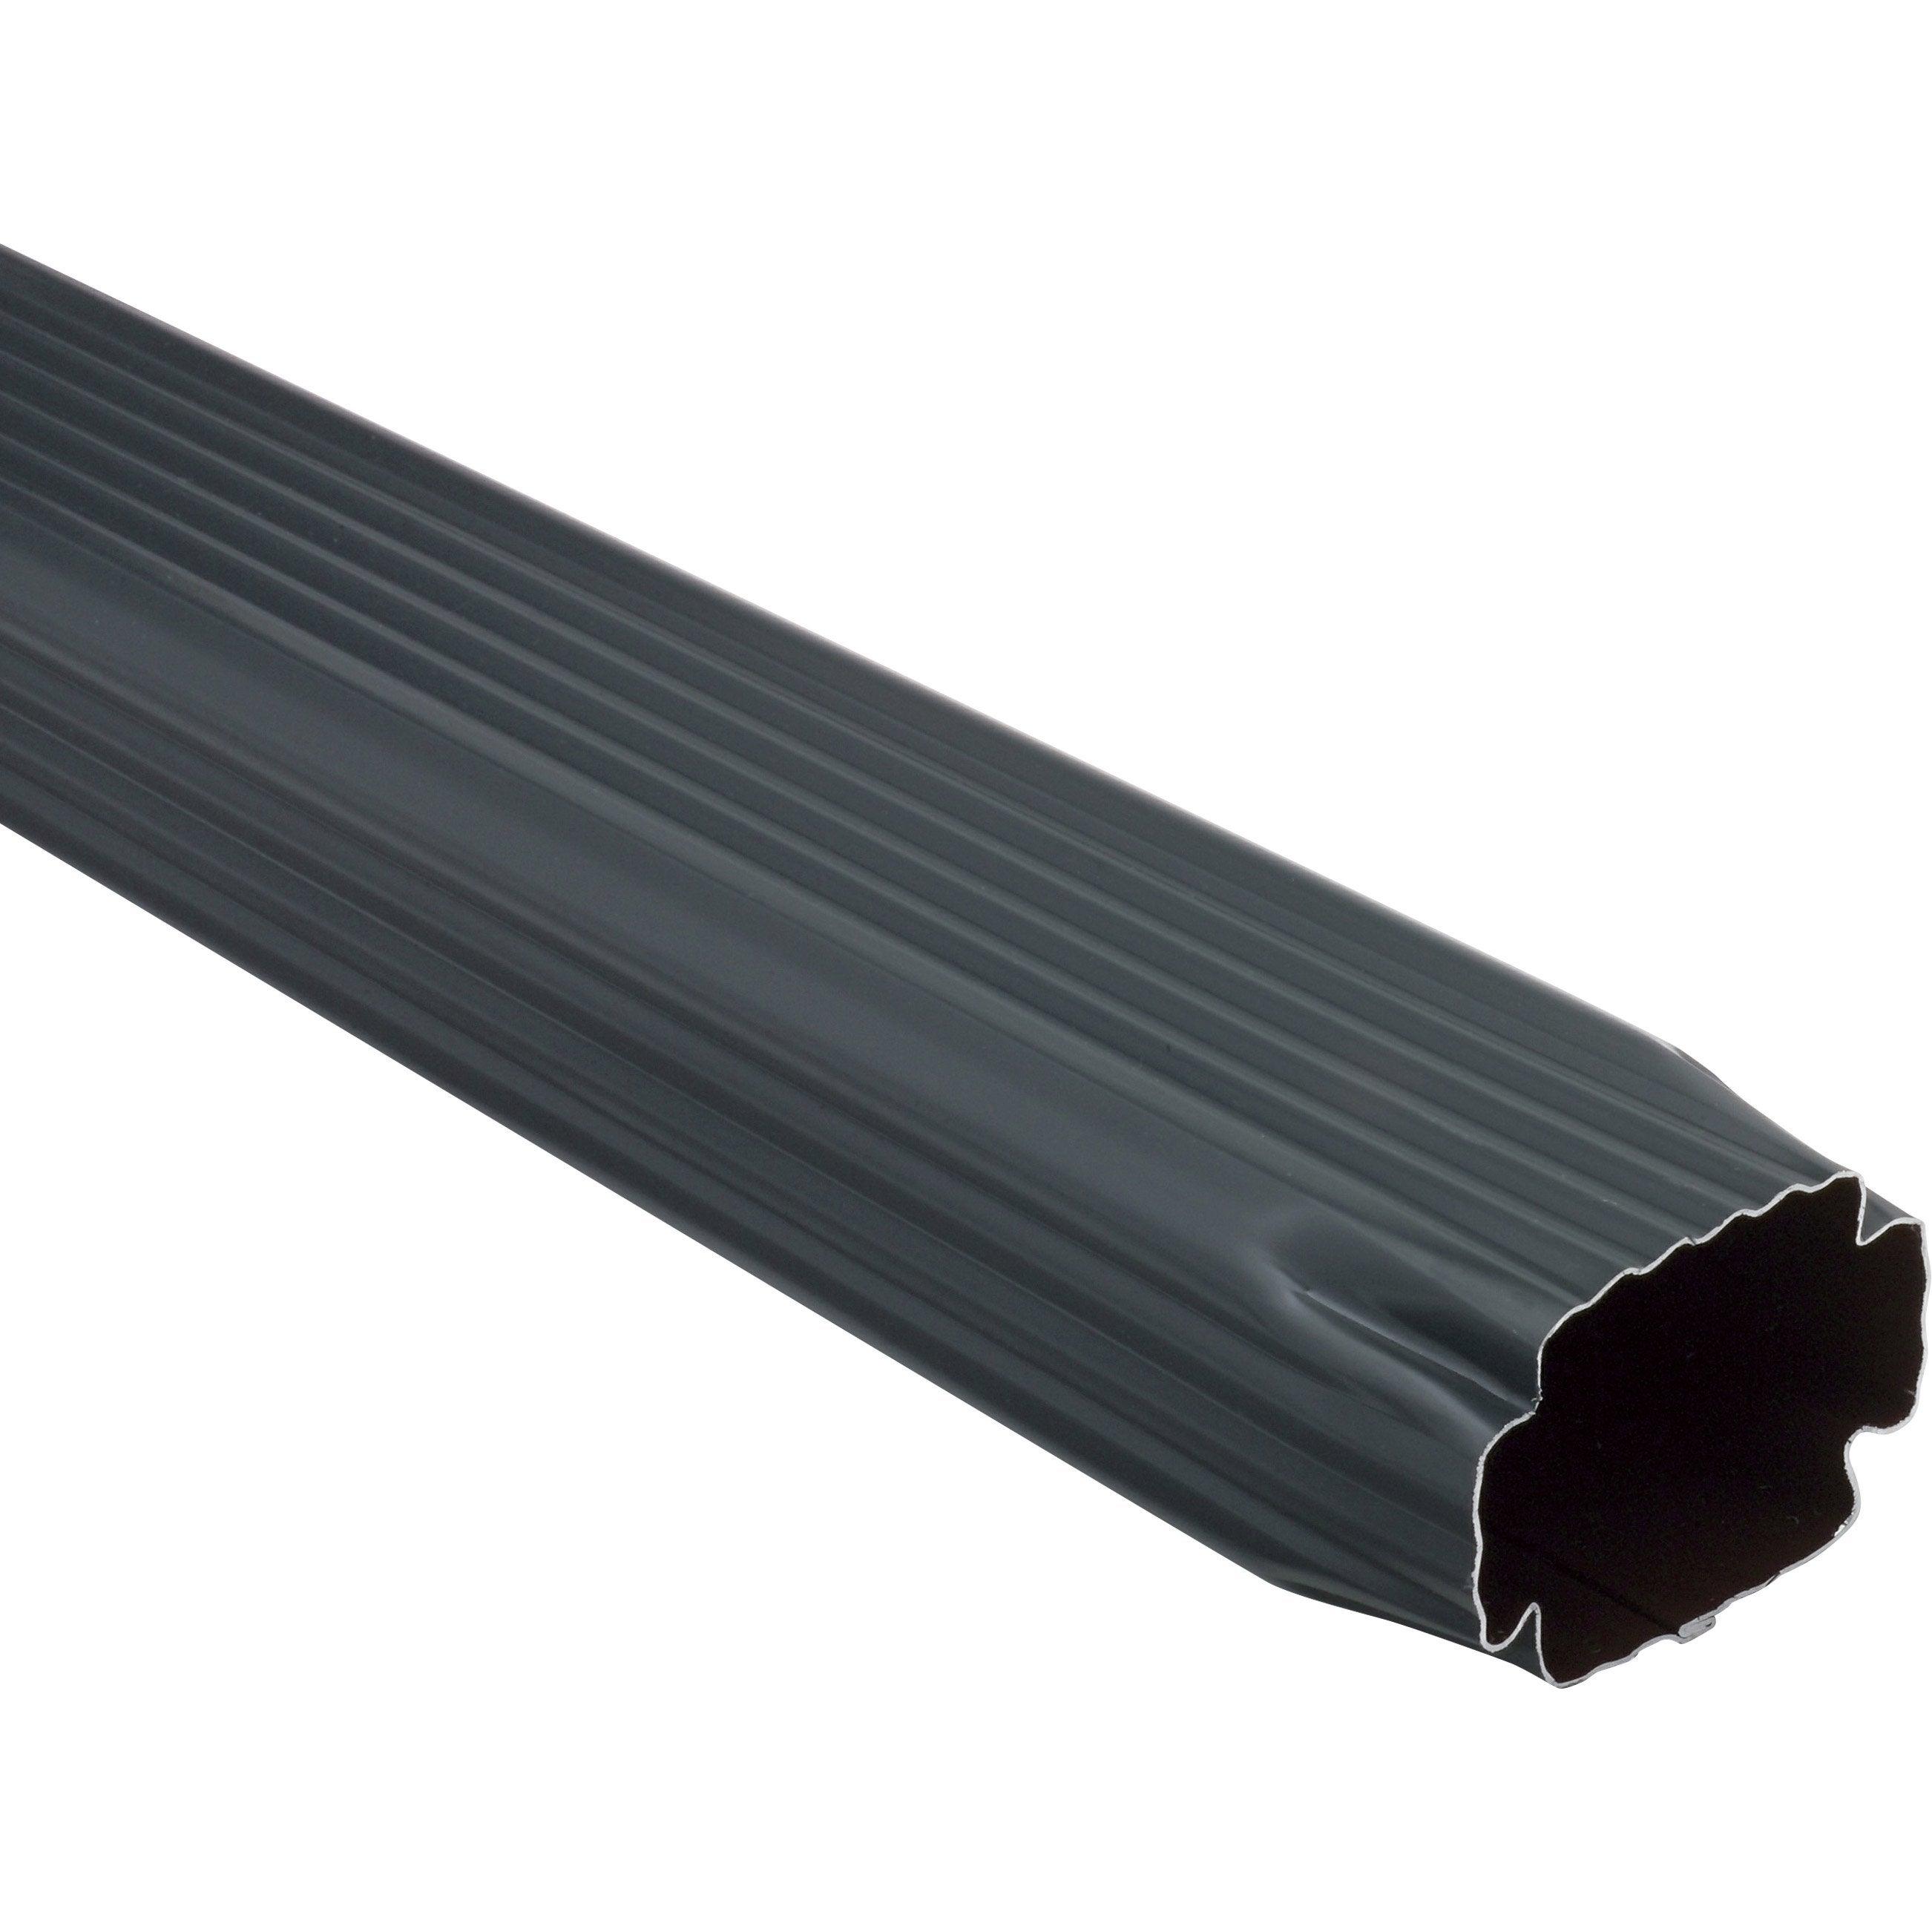 Tuyau De Descente Aluminium Ardoise L2 M Scover Plus